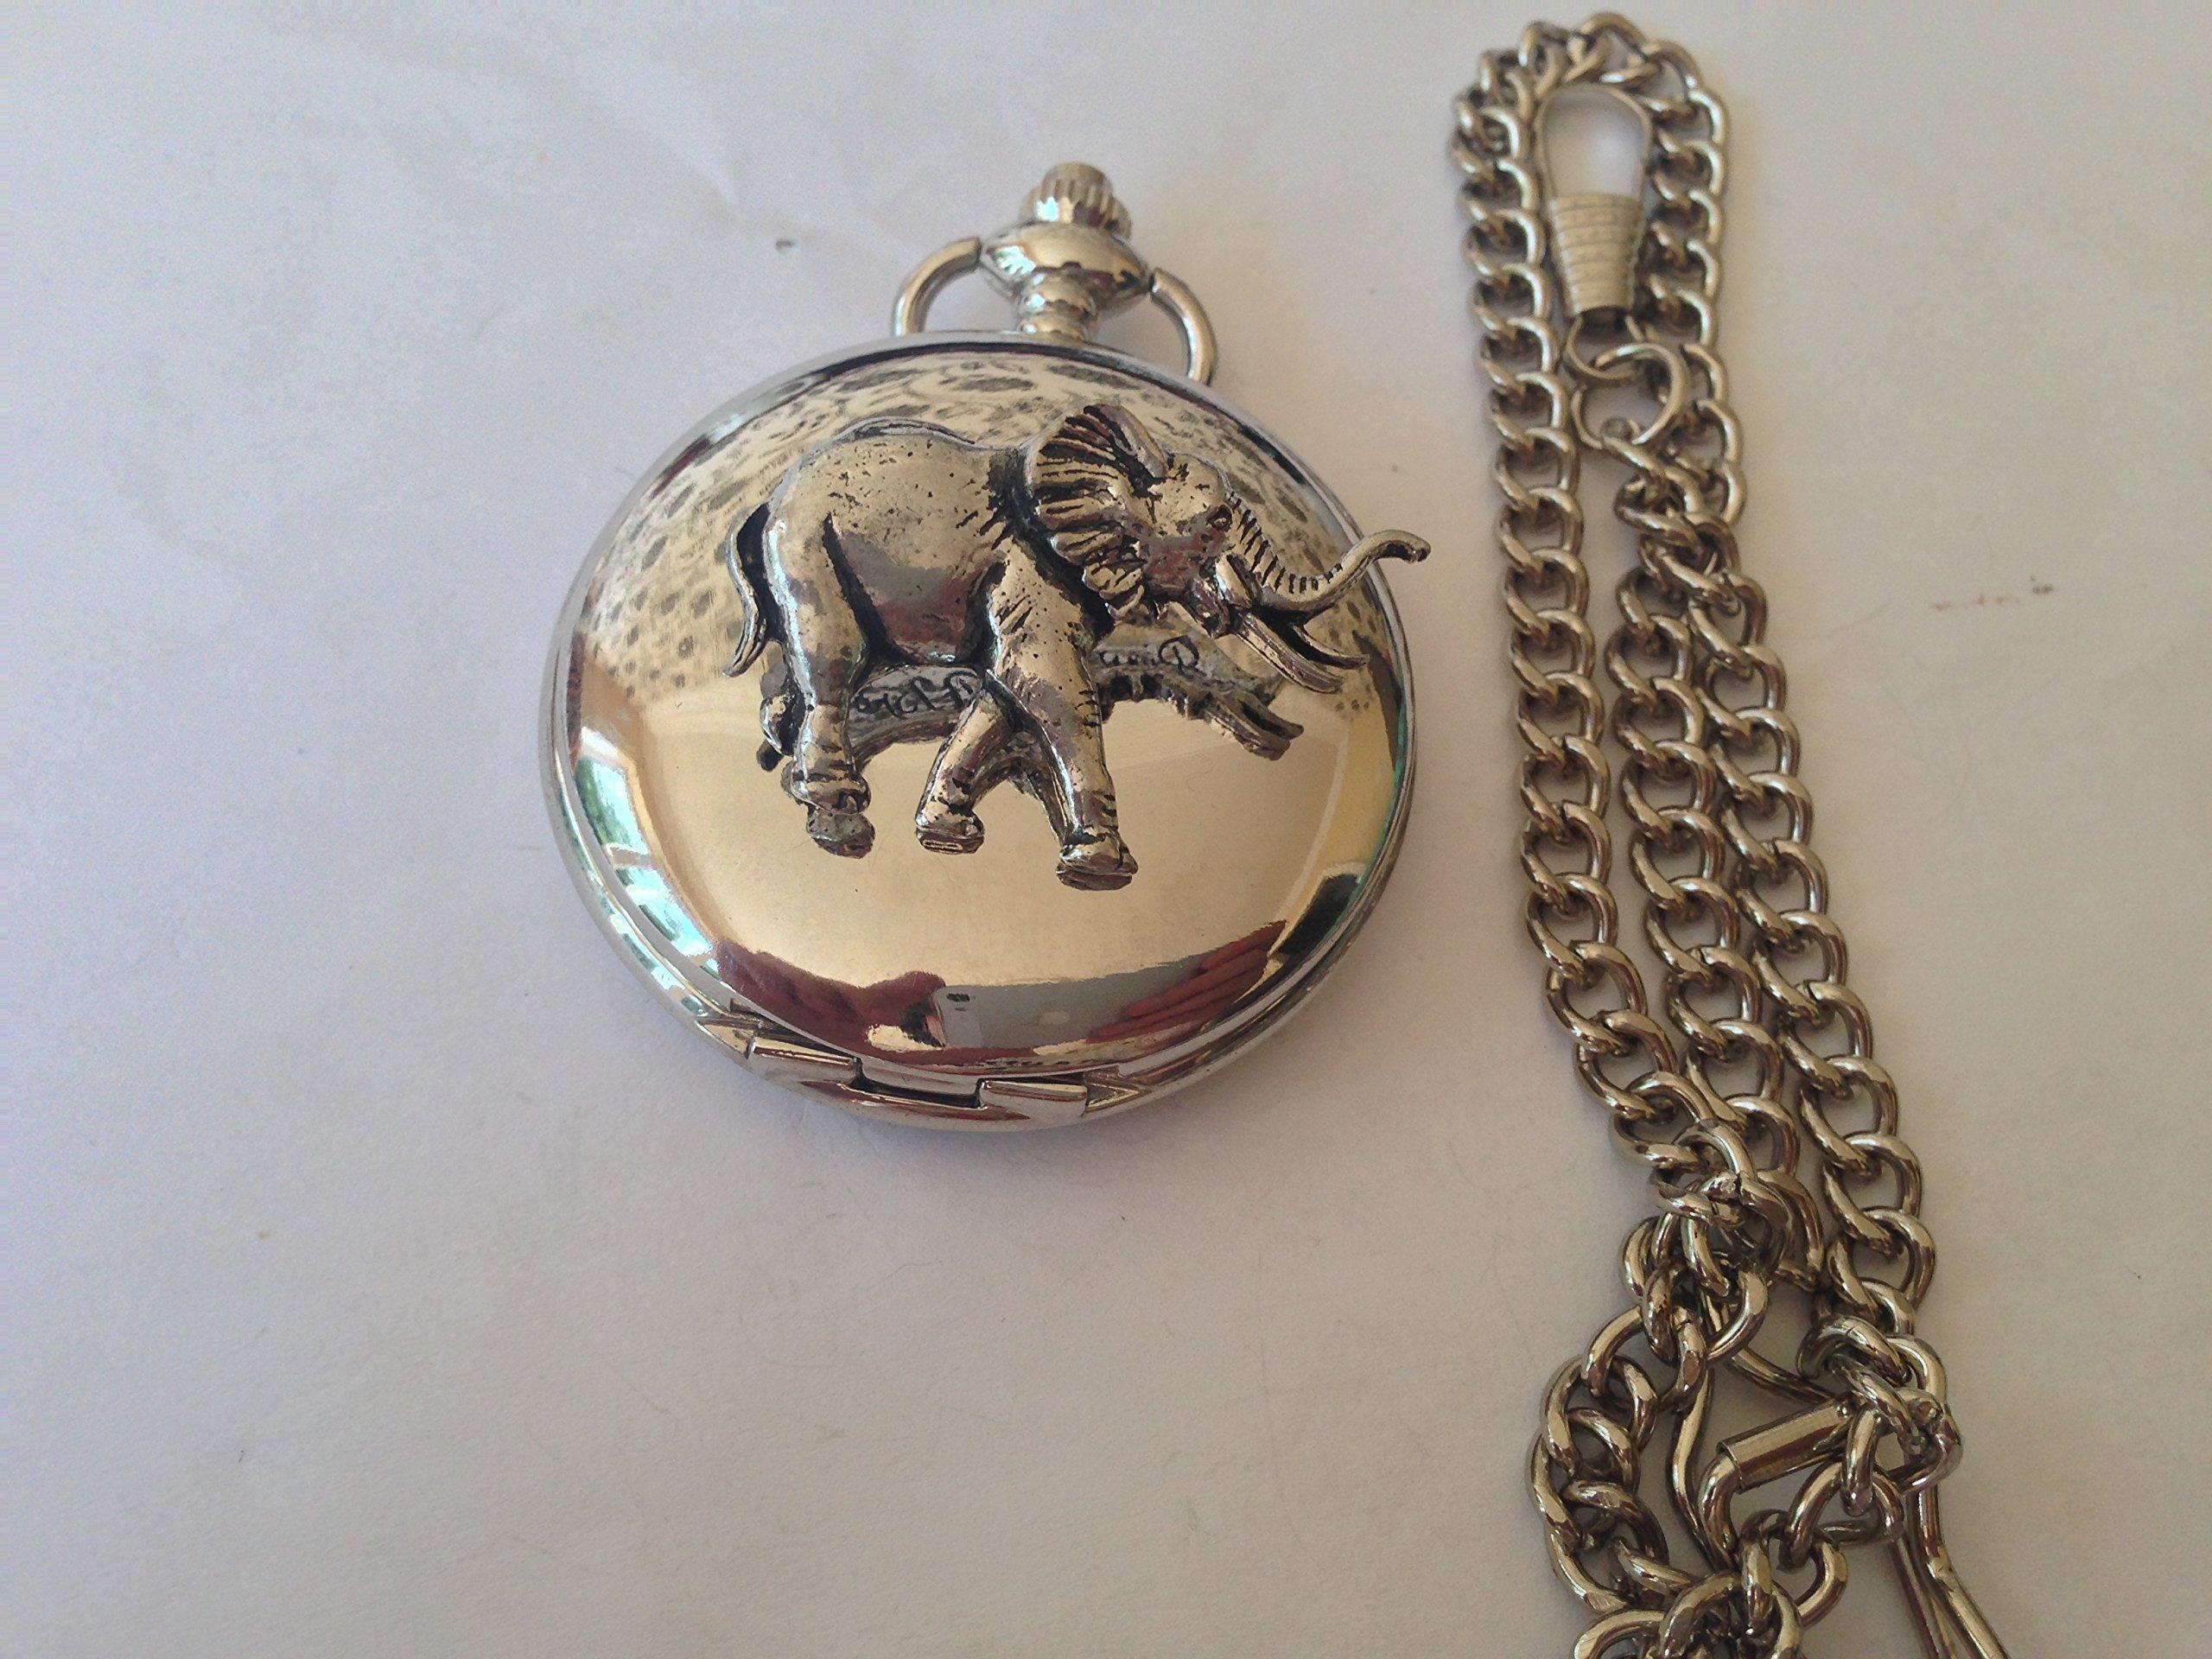 A20-Elefant-silber-poliert-Fall-Herren-Geschenk-Quarz-Taschenuhr-hergestellt-in-Sheffield